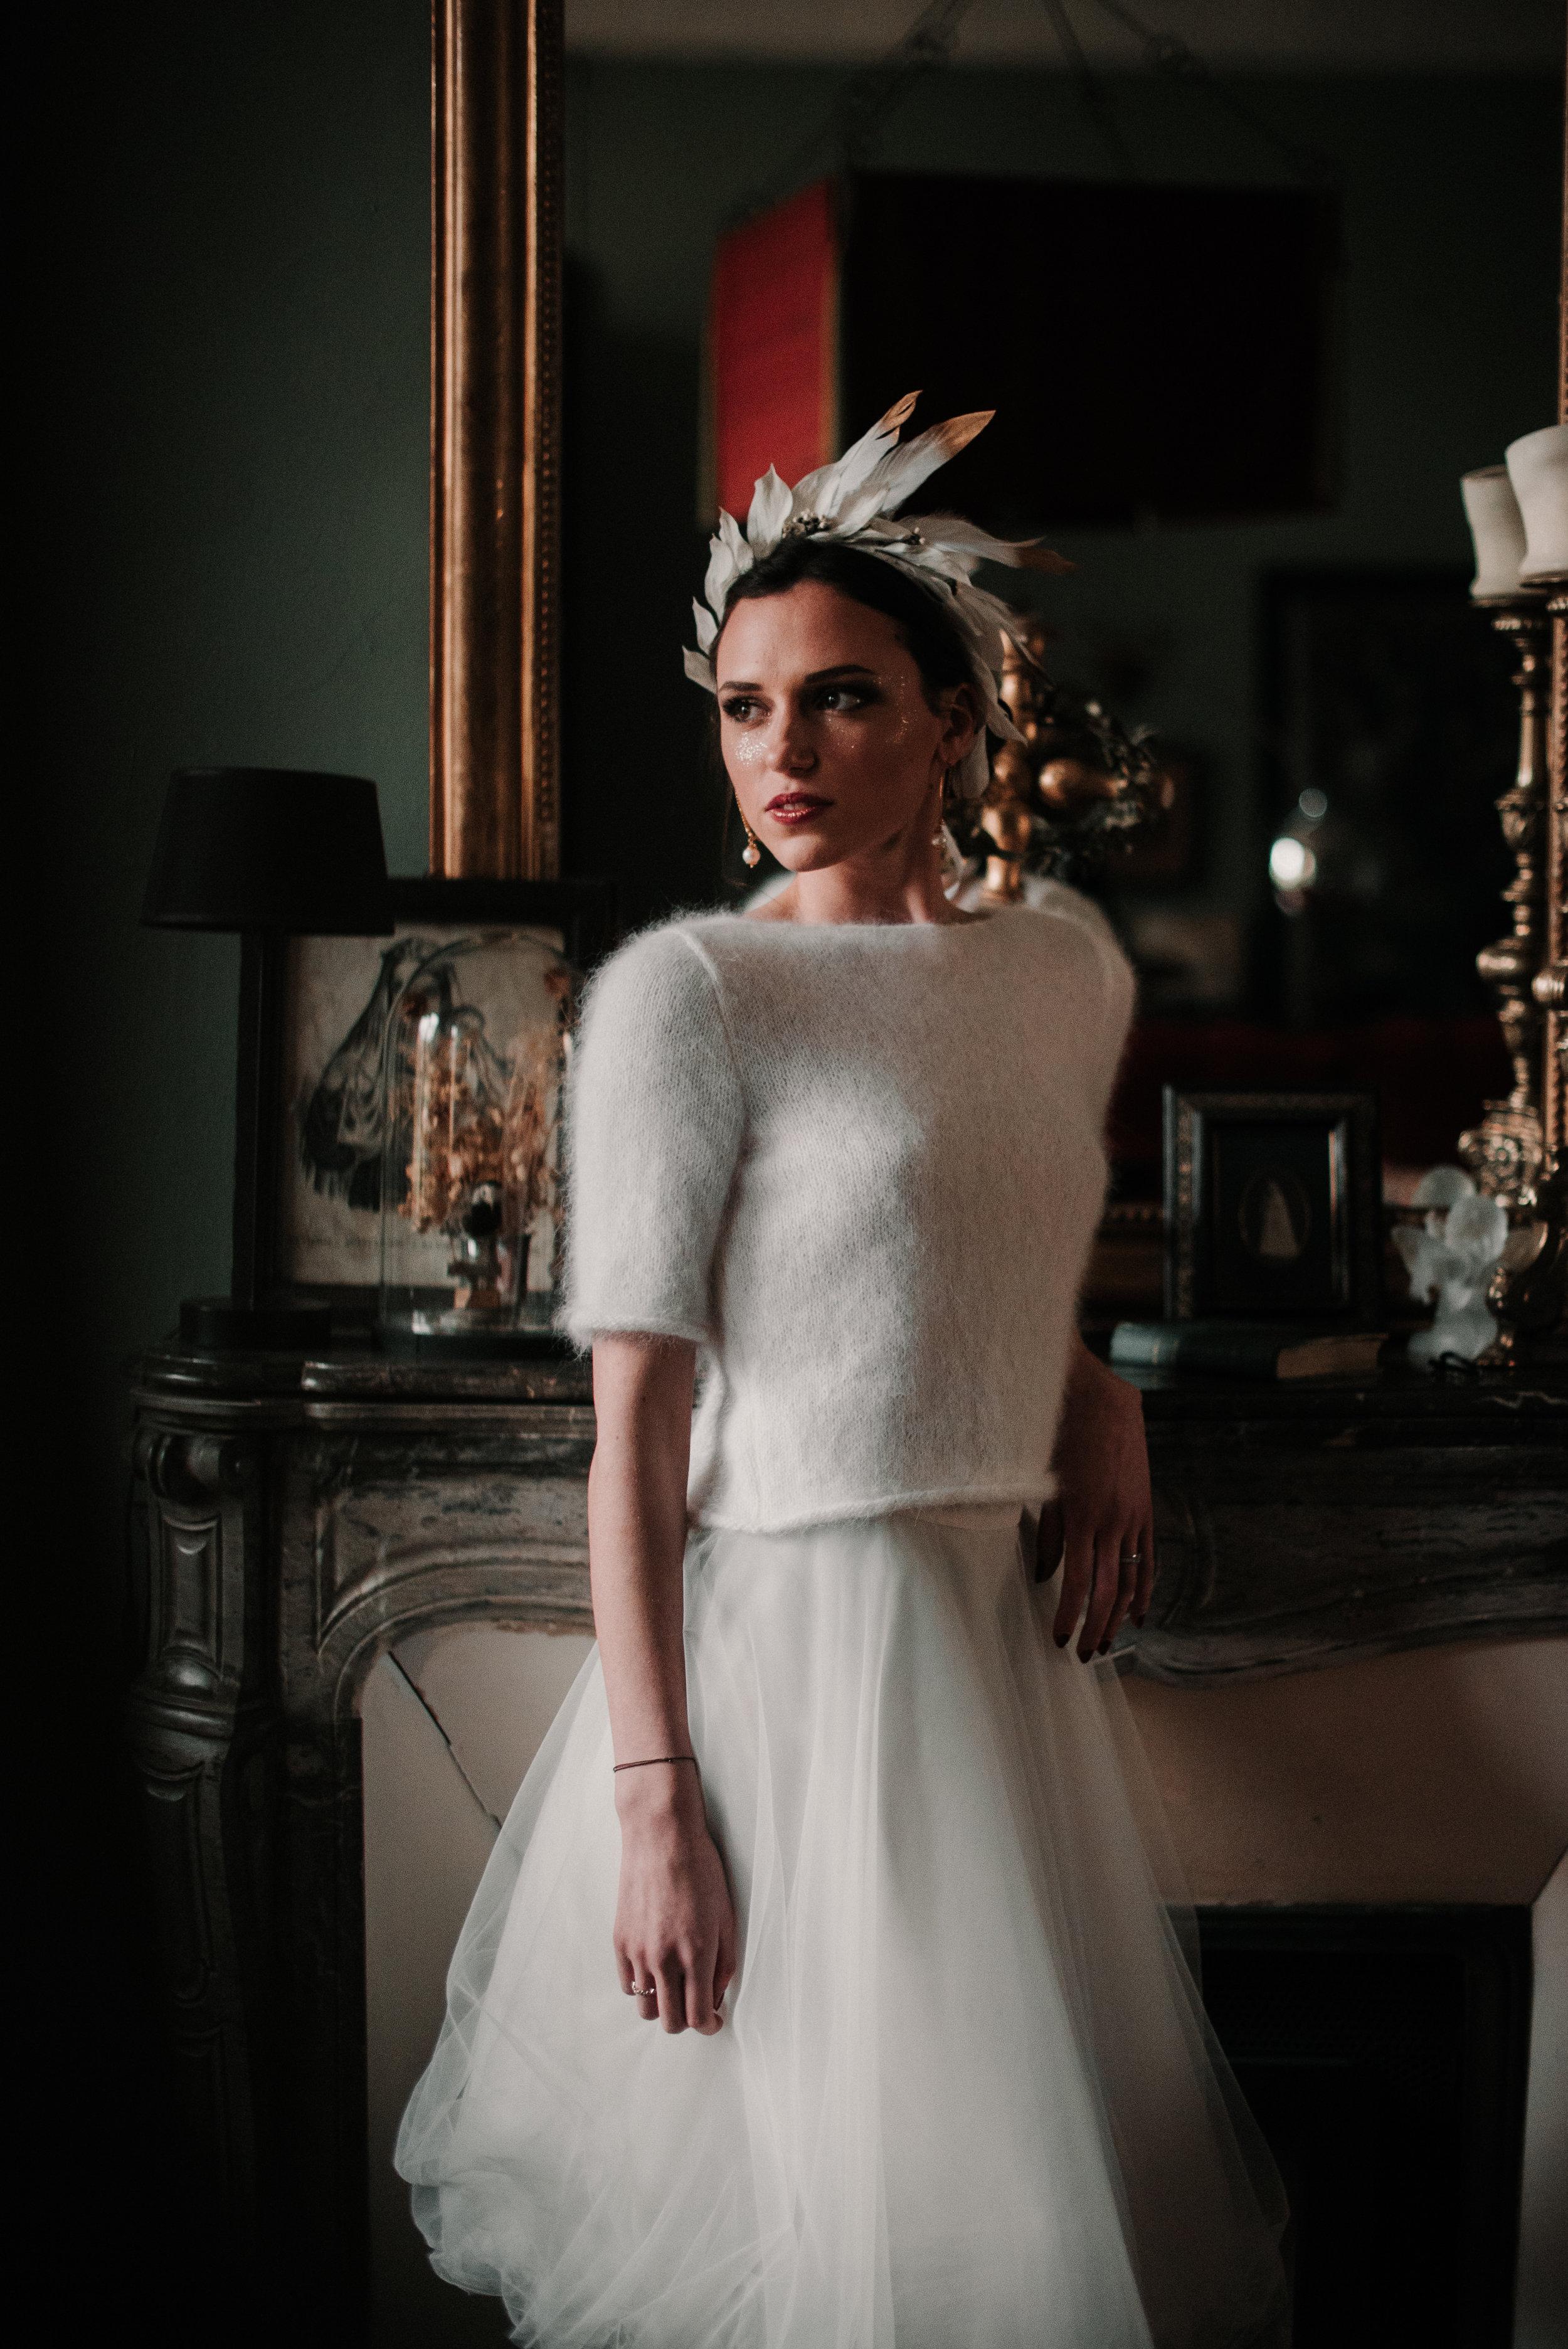 Léa-Fery-photographe-professionnel-lyon-rhone-alpes-portrait-creation-mariage-evenement-evenementiel-famille-3911.jpg